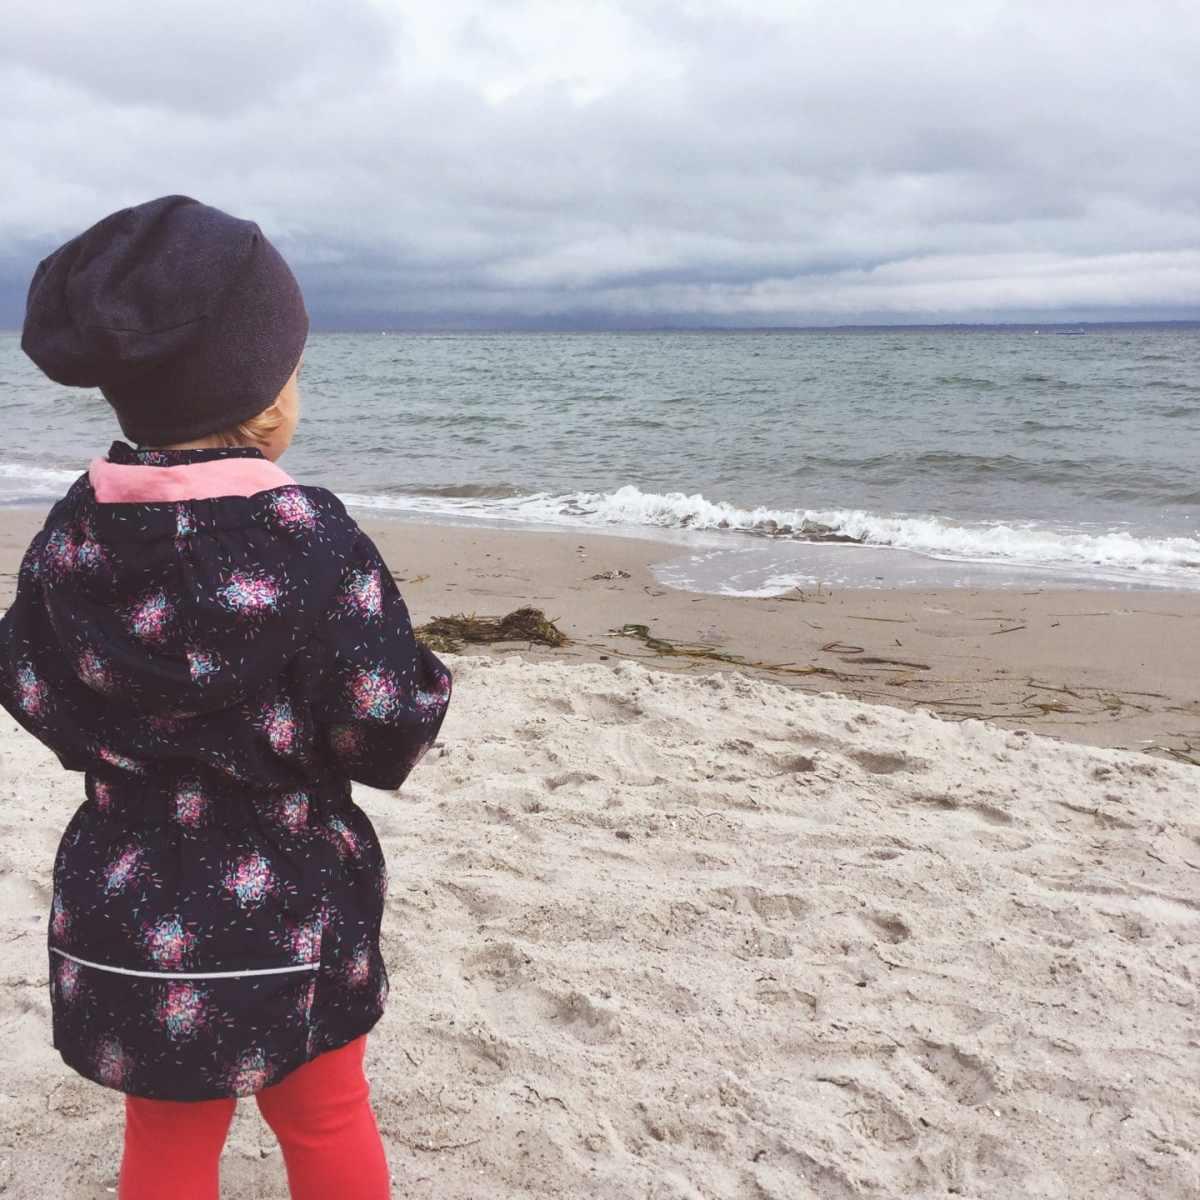 Der erste Urlaub mit Baby: unser Wochenende in Bildern 13./14.8.